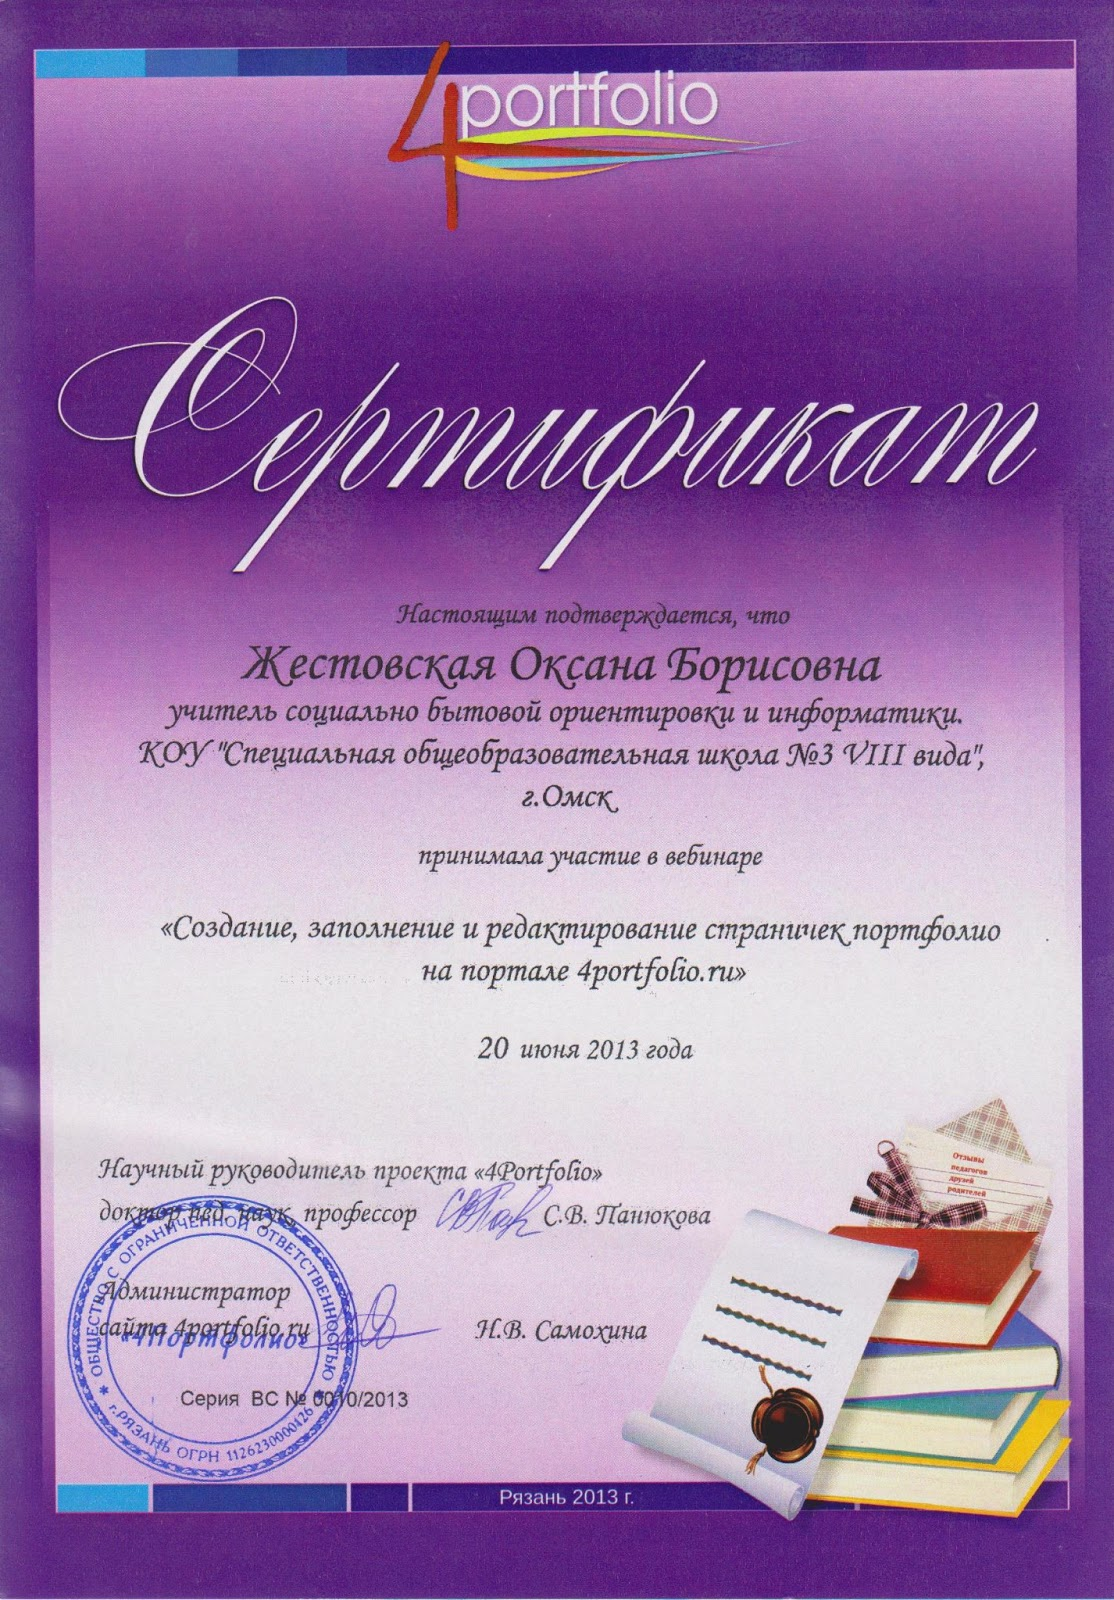 Сертификат вебинара скачать бесплатно - a16cb